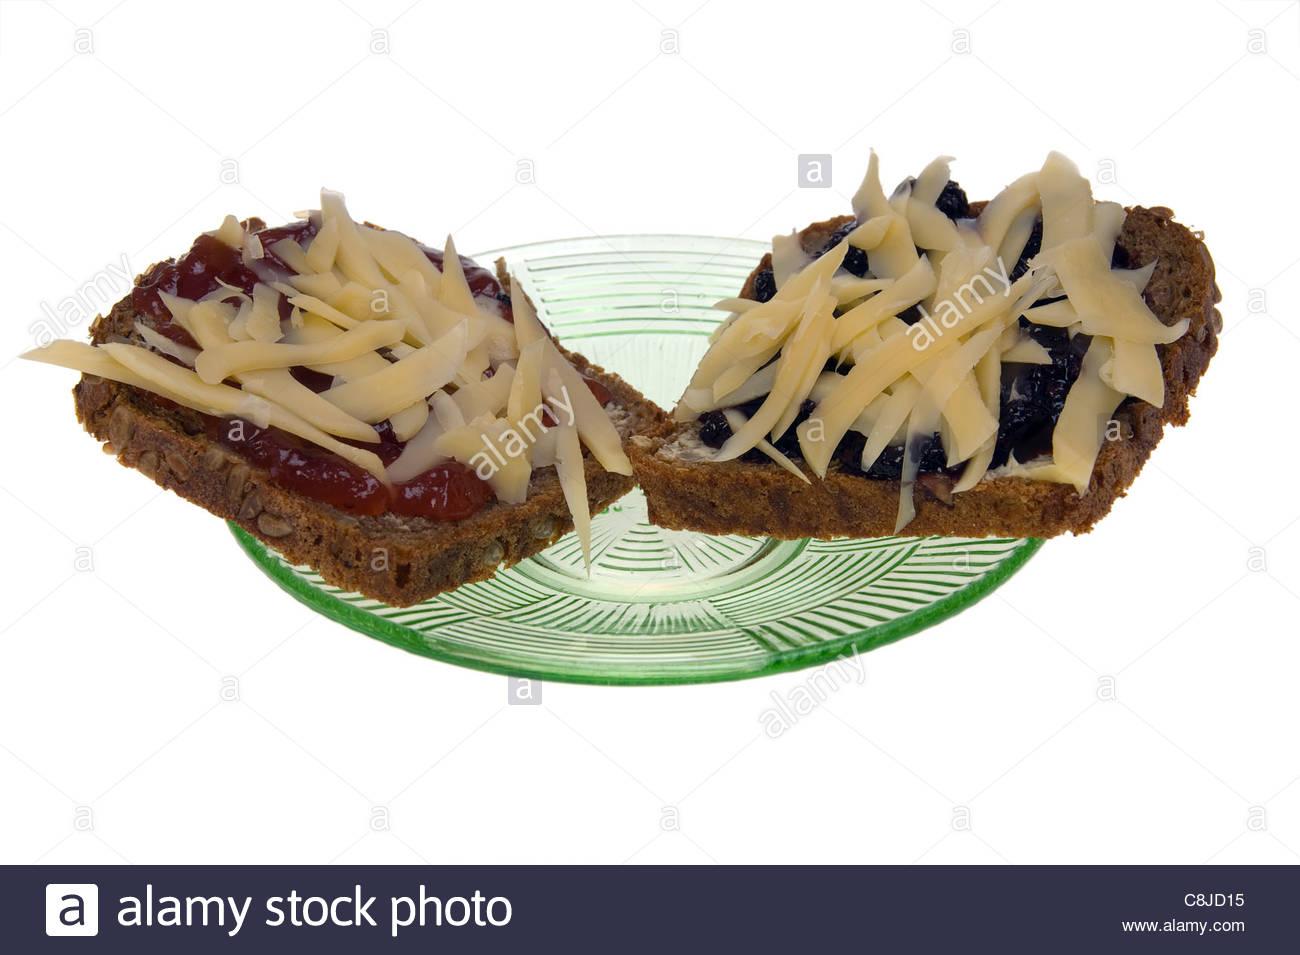 marmelade und k se auf ein st ck brot isoliert stockfoto bild 39743345 alamy. Black Bedroom Furniture Sets. Home Design Ideas